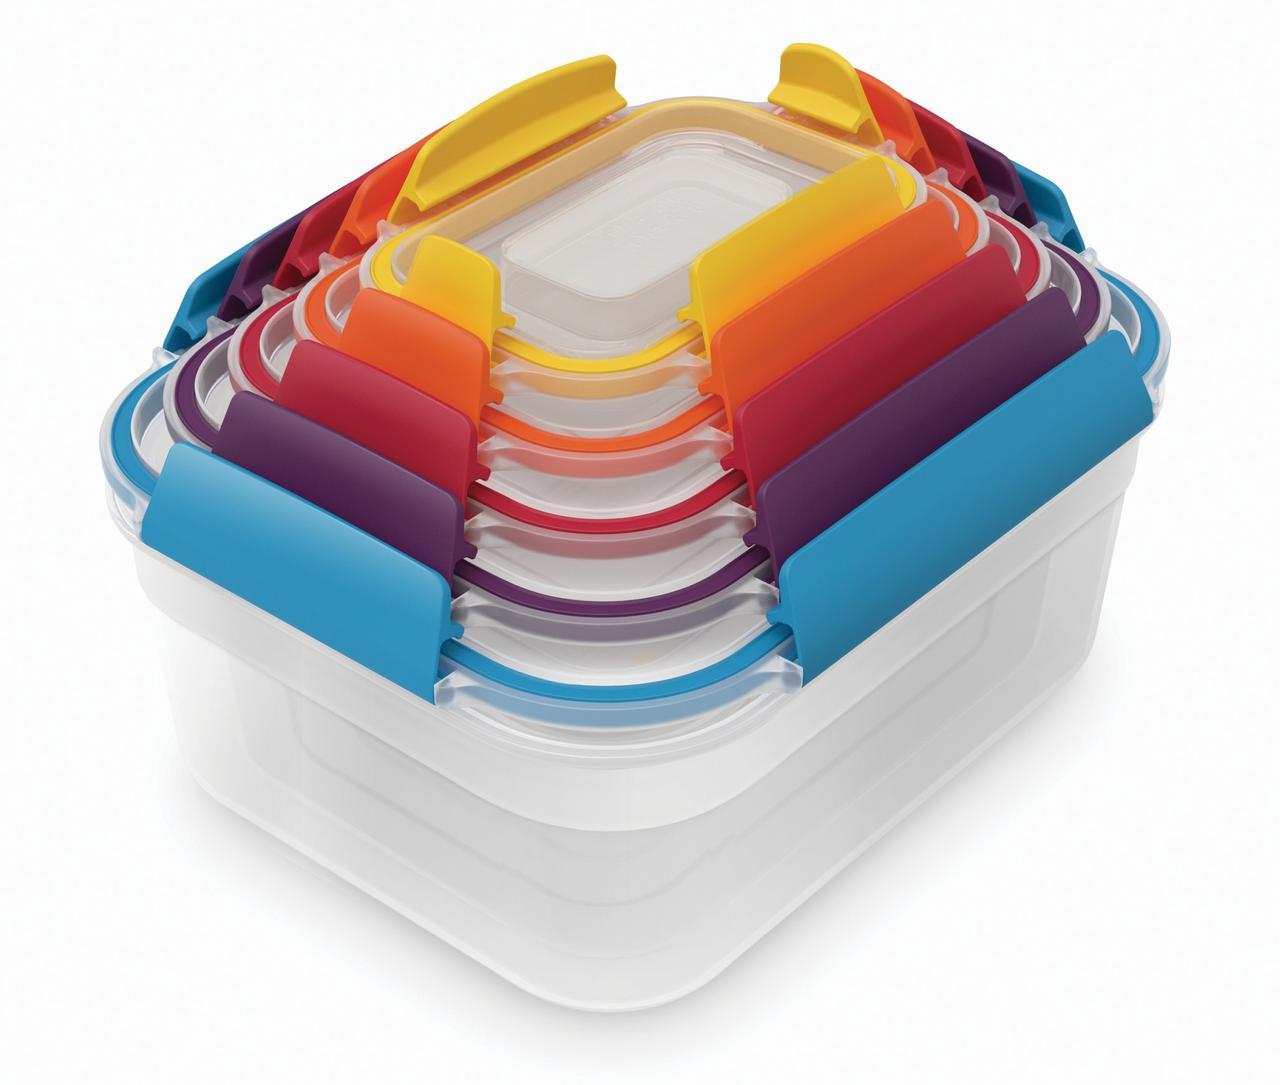 画像: サイズごとに色分けされてわかりやすい。フタとケースのきれいな重ね合わせで場所を取らずに収納できる。